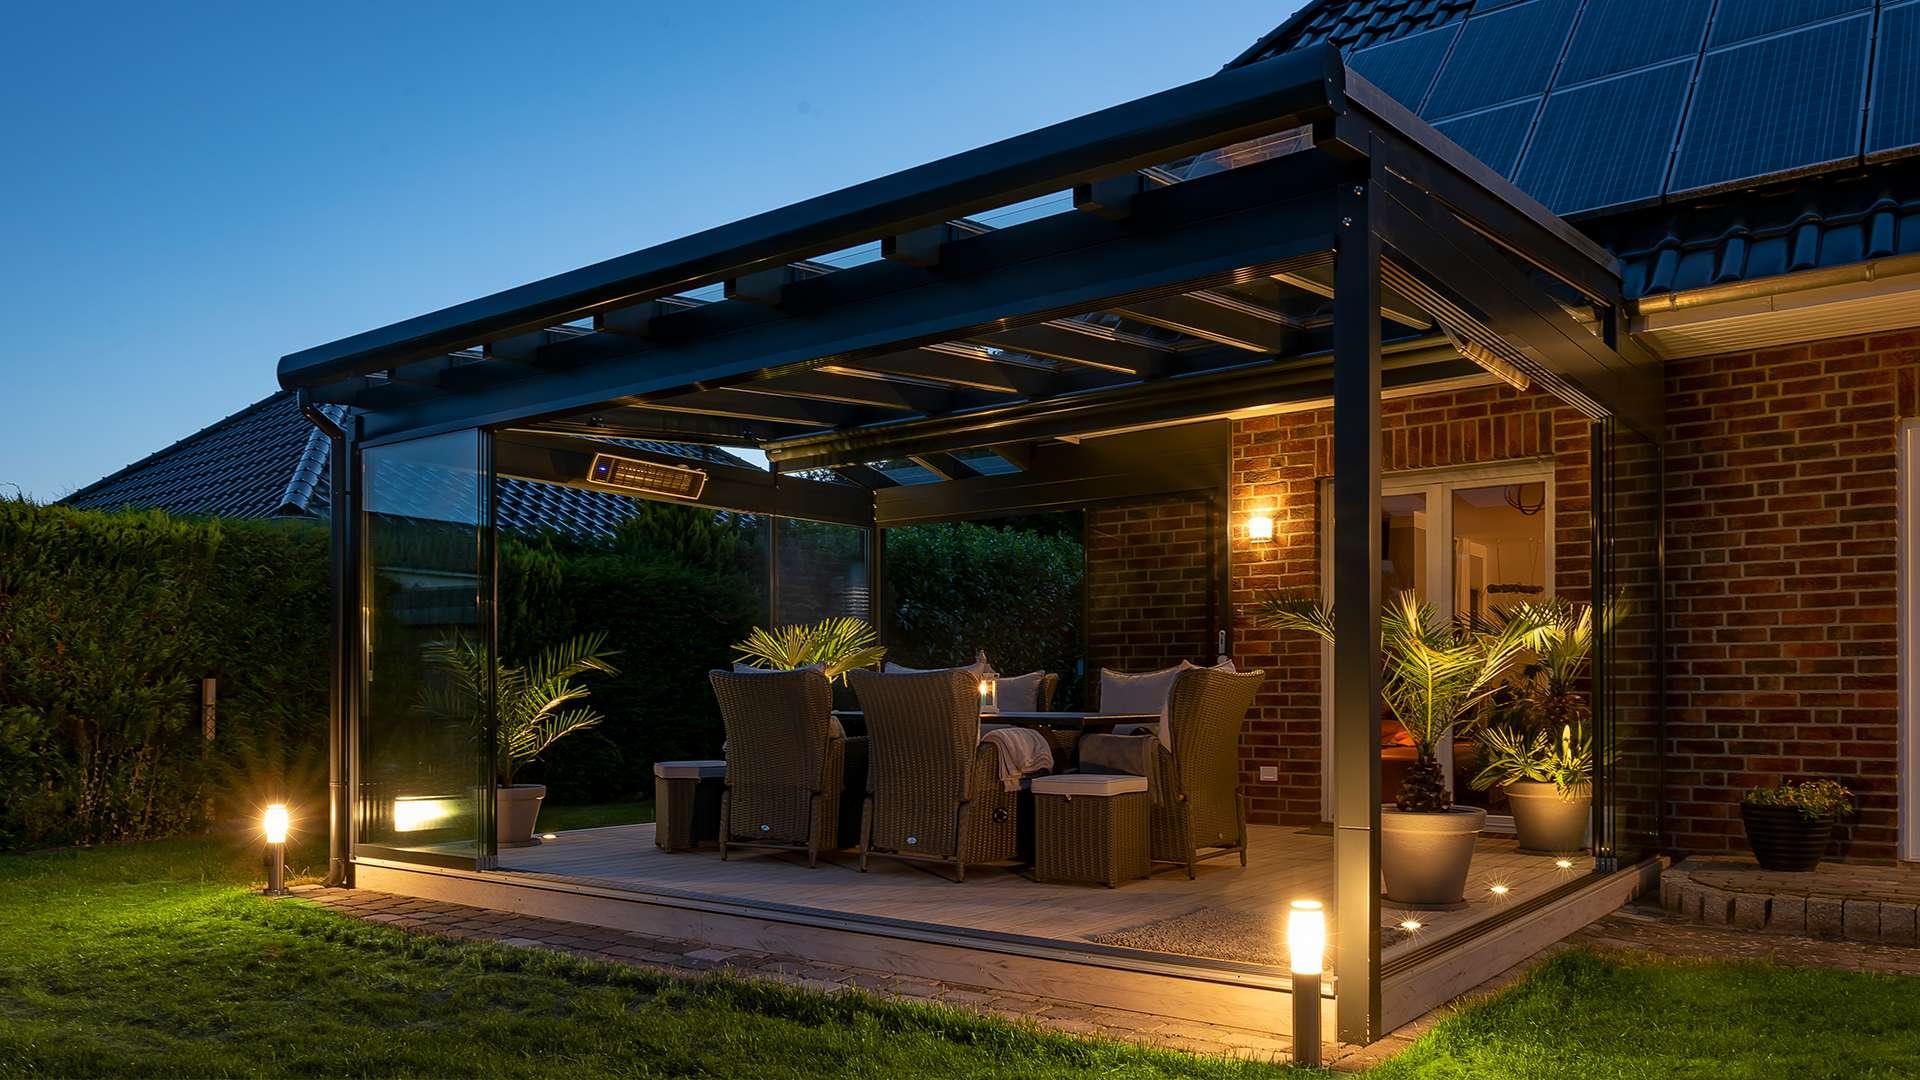 Terrassendach mit Pultdach an einen Wohnhaus bei Nacht. Unter den Terrassendach brennt Licht und ein Esstisch steht auf der Terrasse.